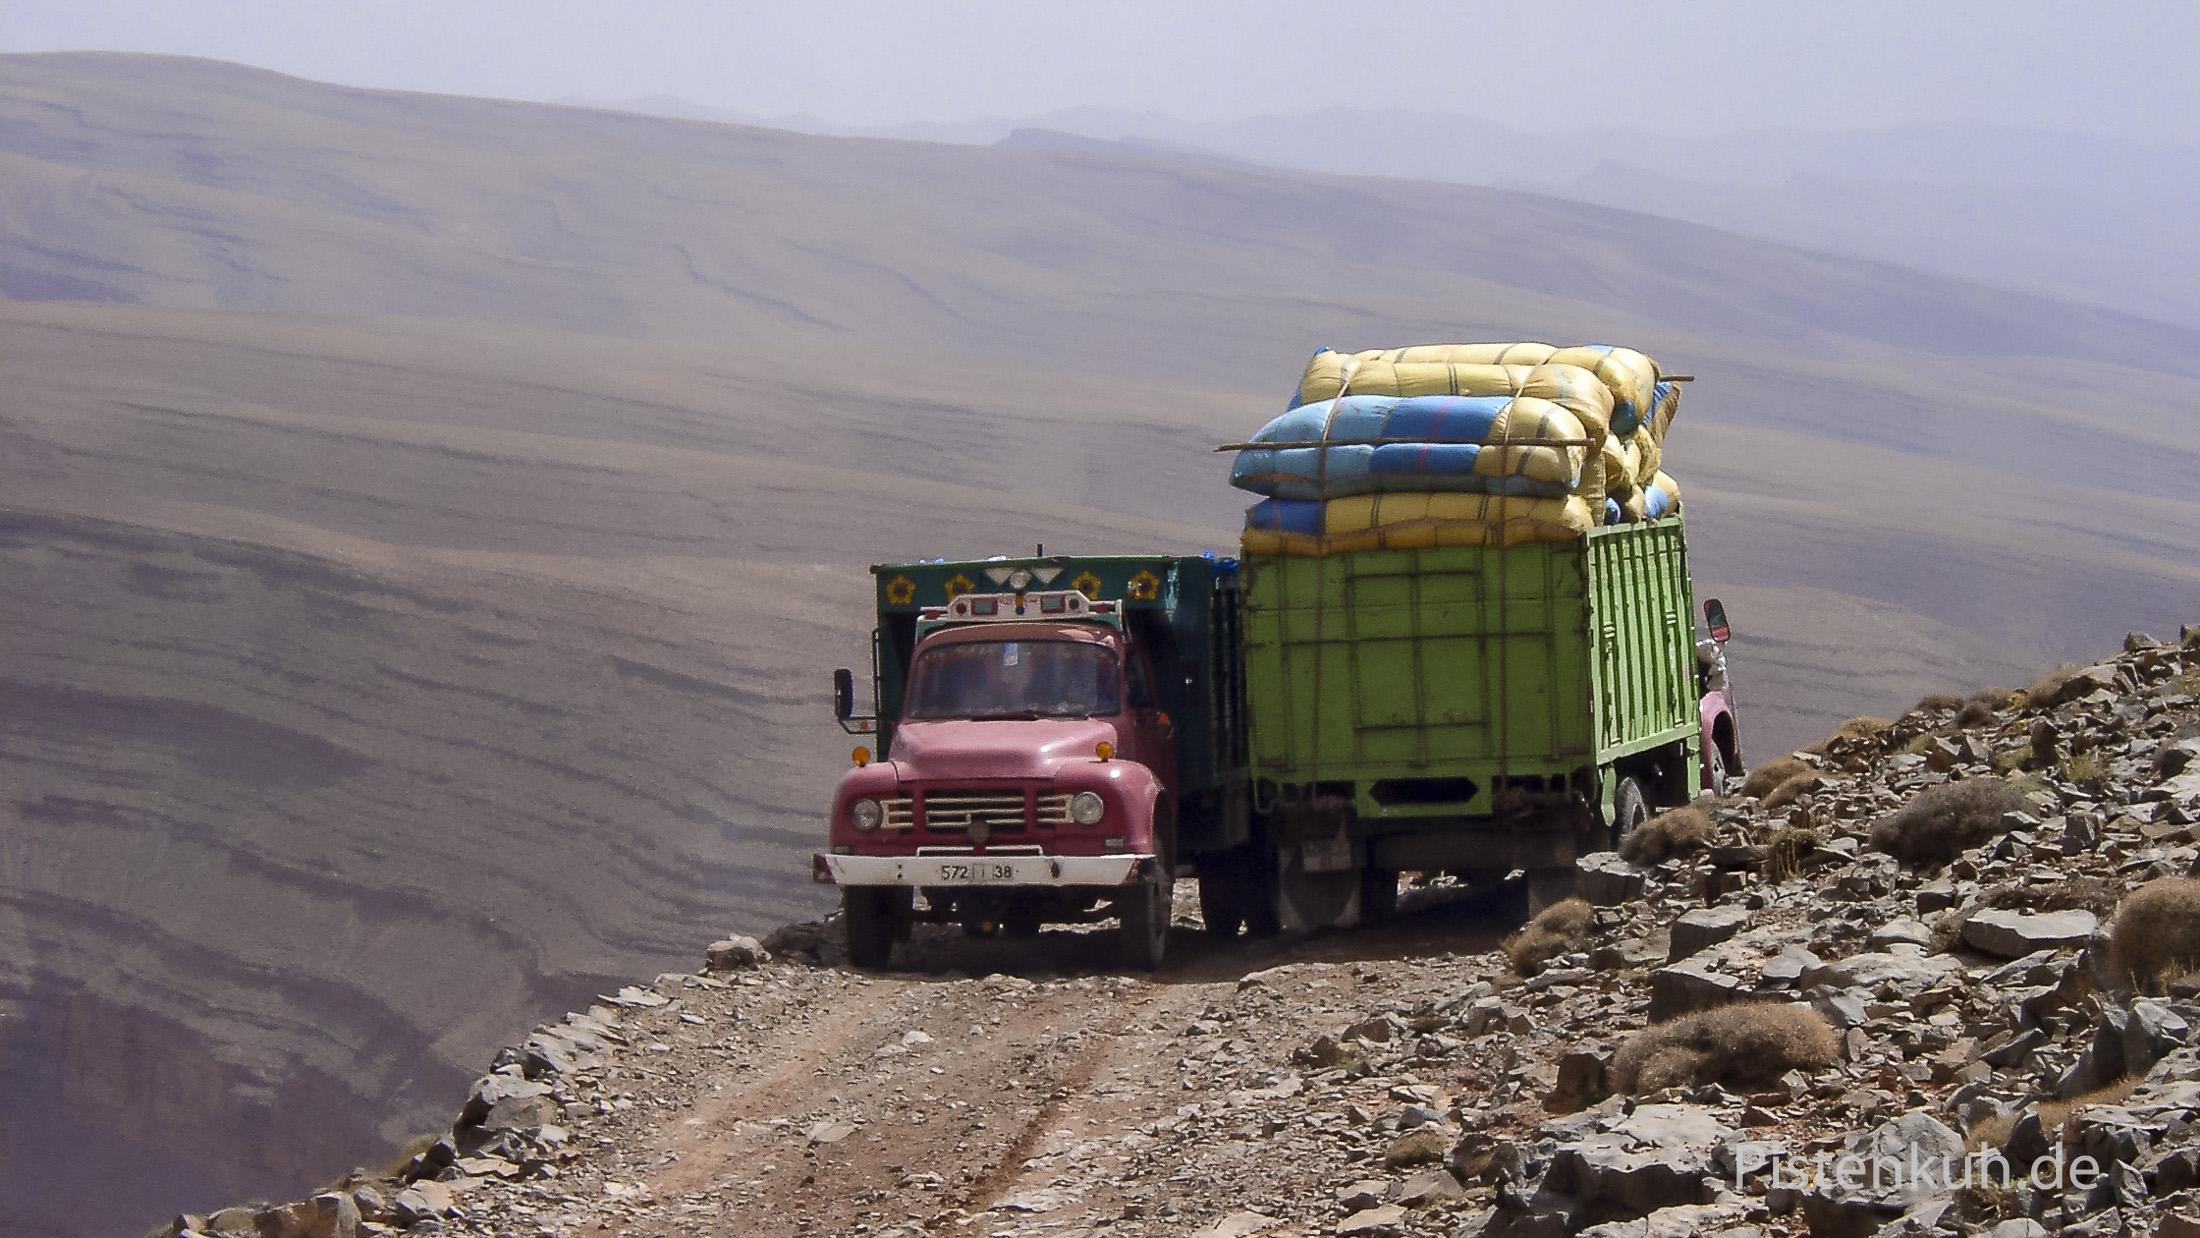 Verkehr auf den Pisten im Hohen Atlas